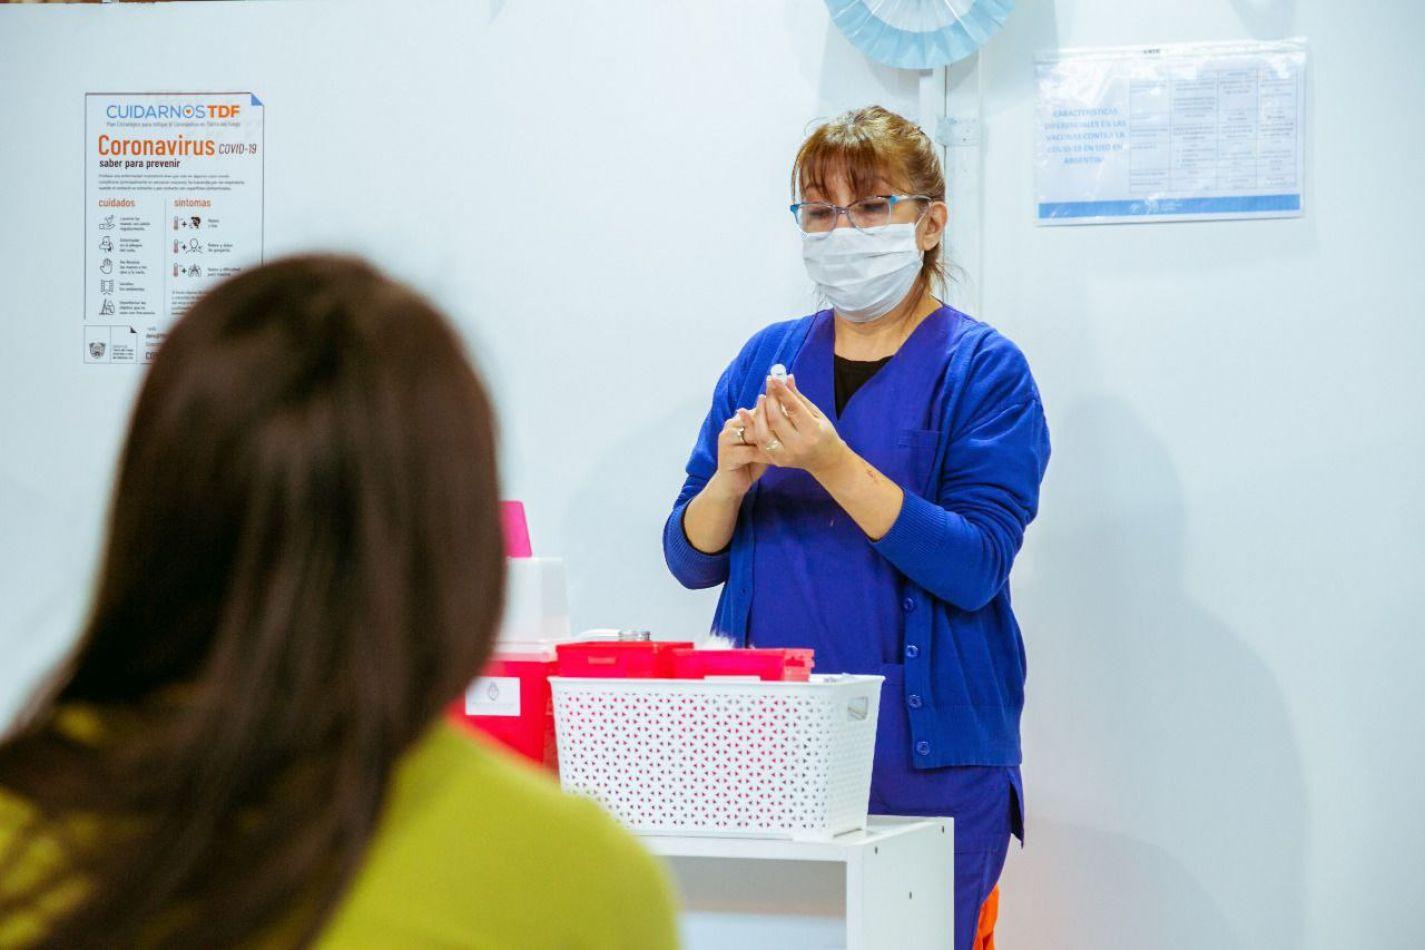 Salud informa no asistir a los vacunatorios para la recibir la 2da dosis si no han sido contactados telefónicamente